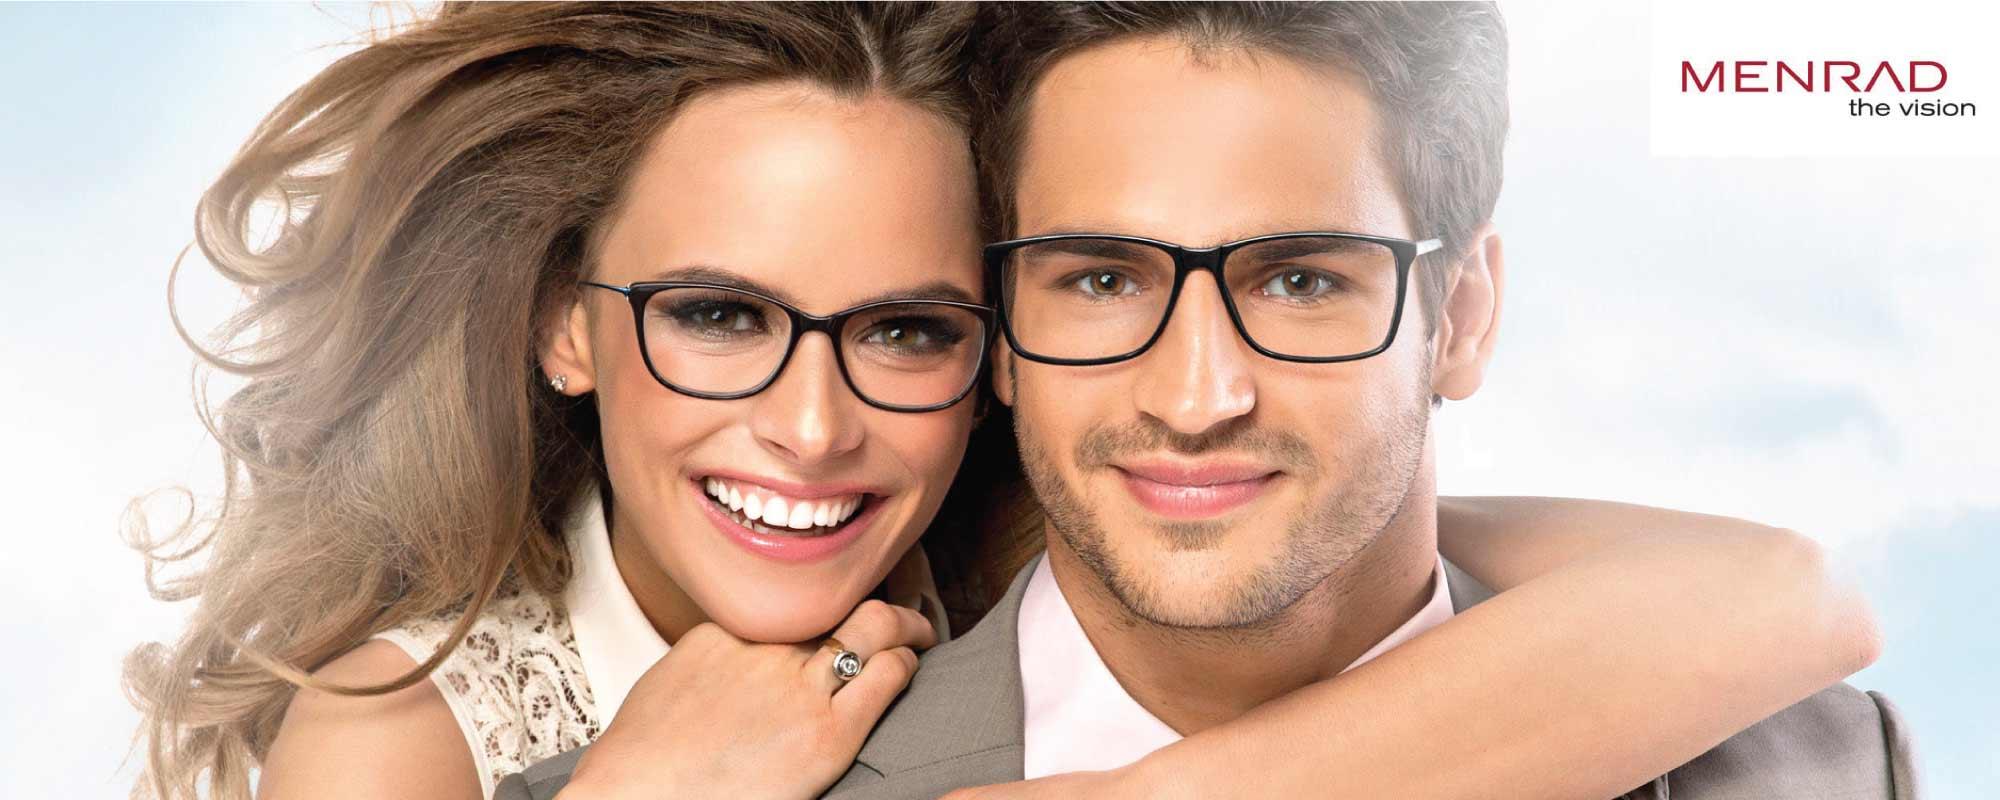 Dioptrijske naočare Menrad